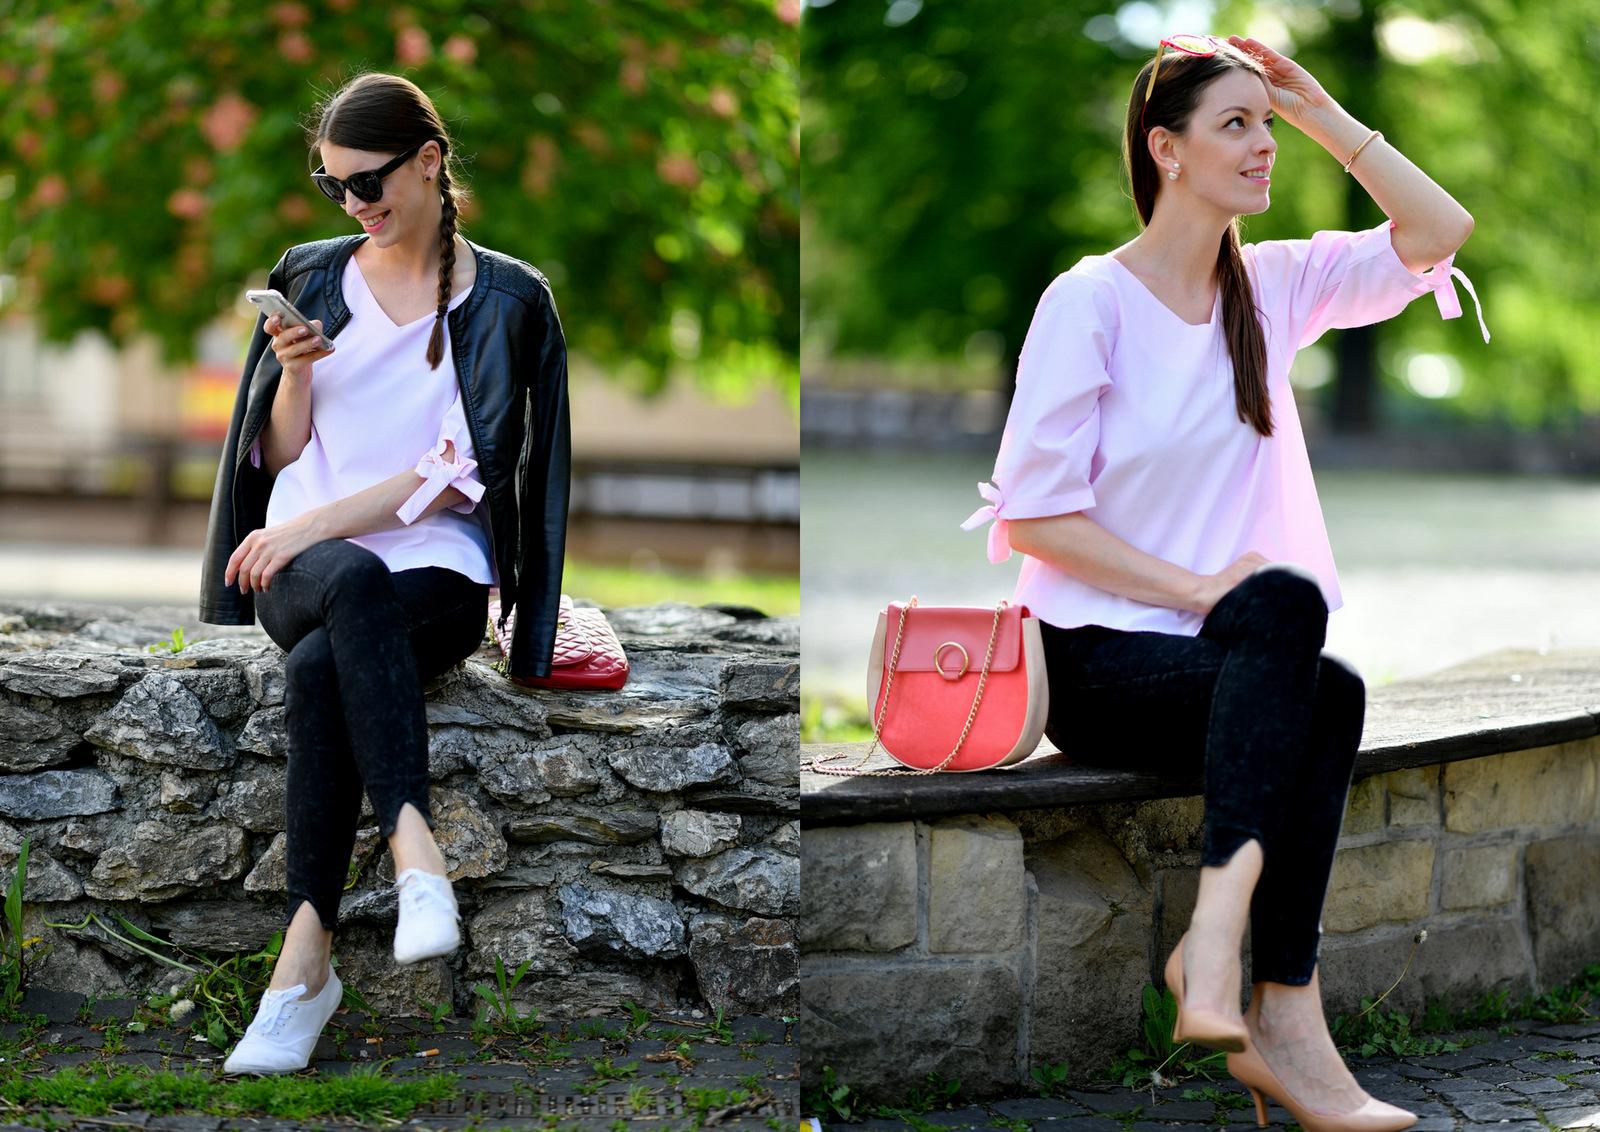 ružová blúzka, ktorú môžete kombinovať s lodičkami aj teniskami // pink blouse with grey jeans